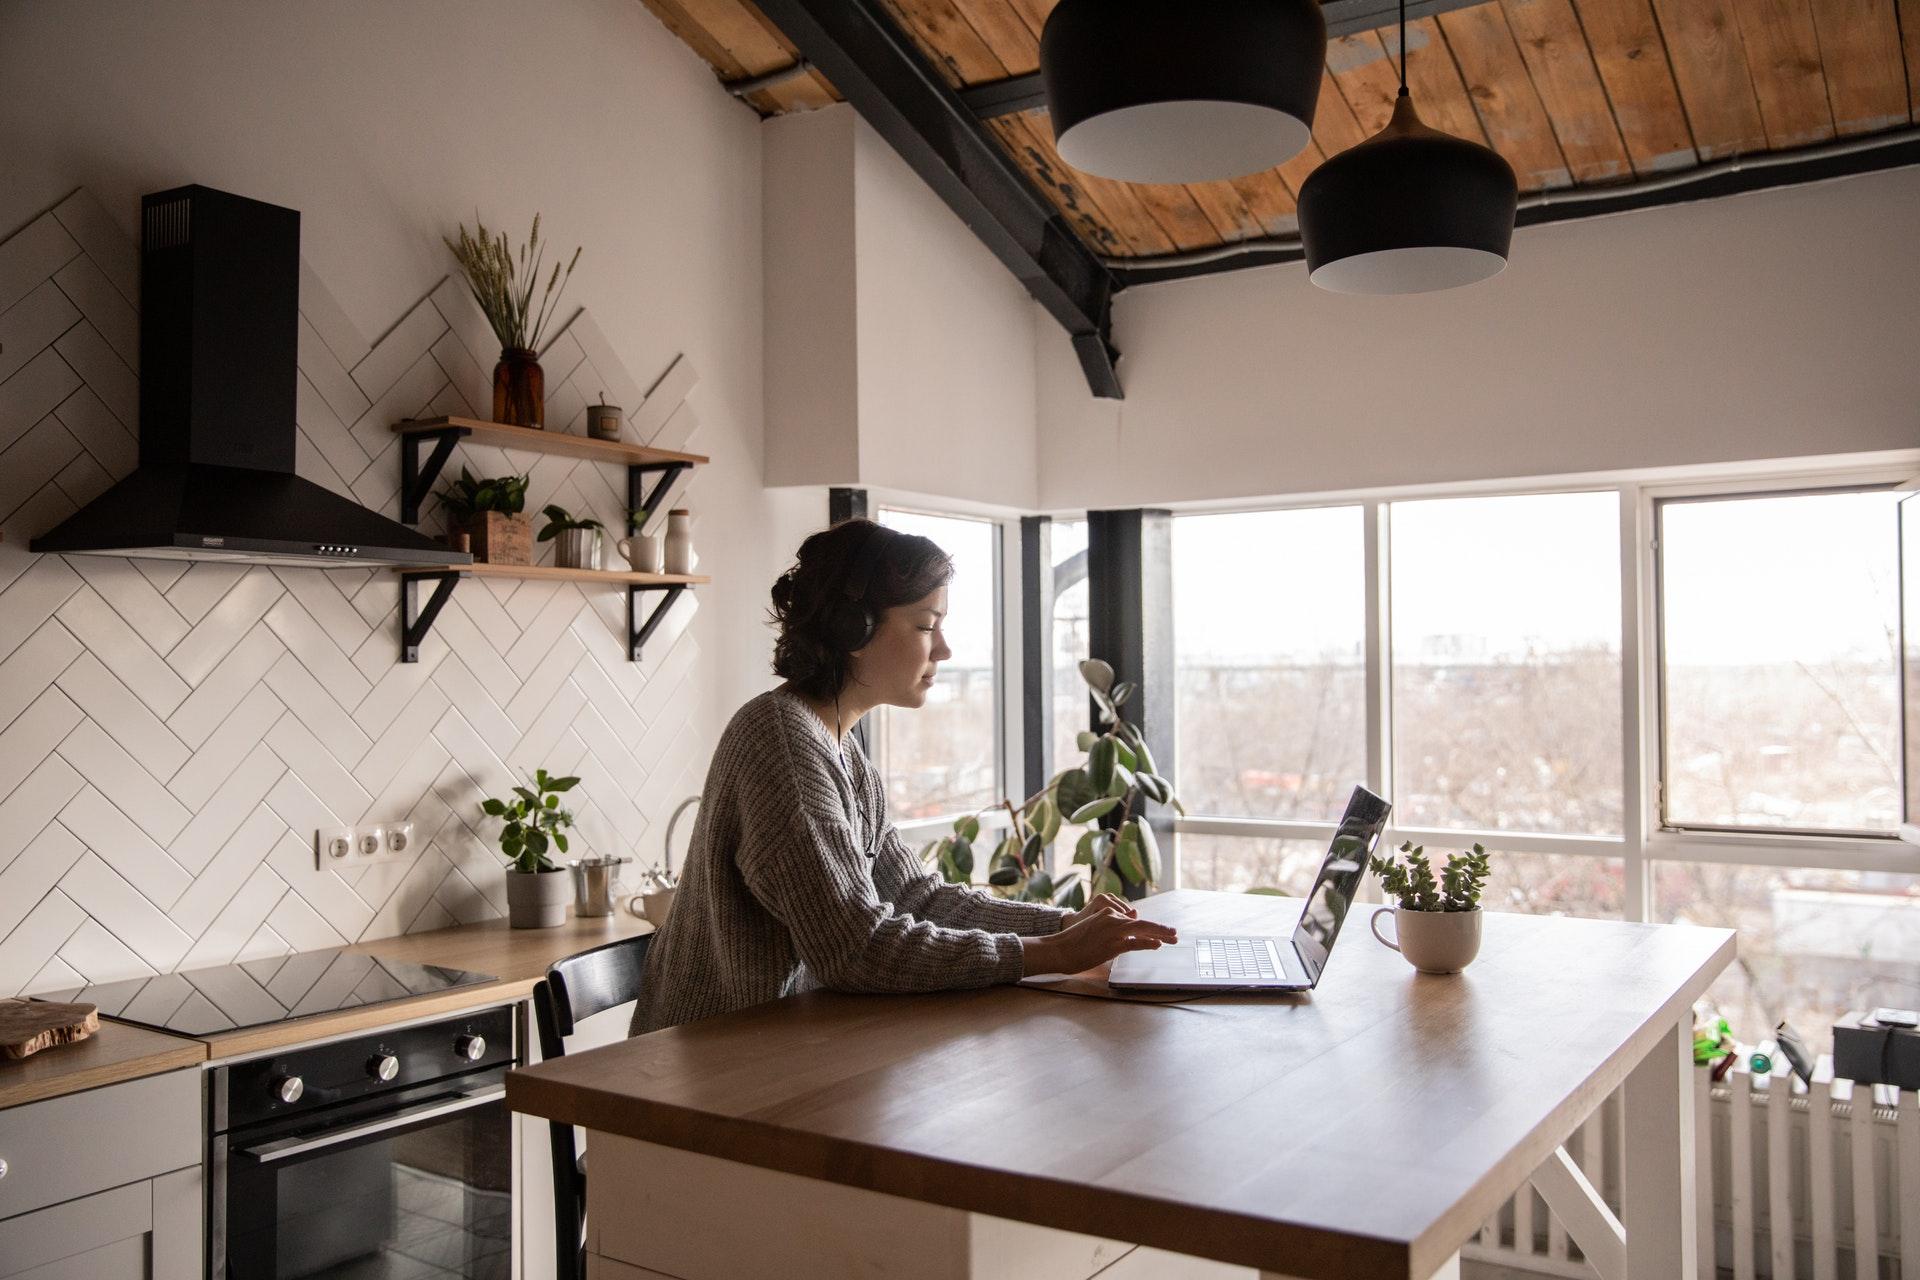 Vemos uma mulher trabalhando na cozinha de casa (imagem ilustrativa). Texto: melhores negócios home office.